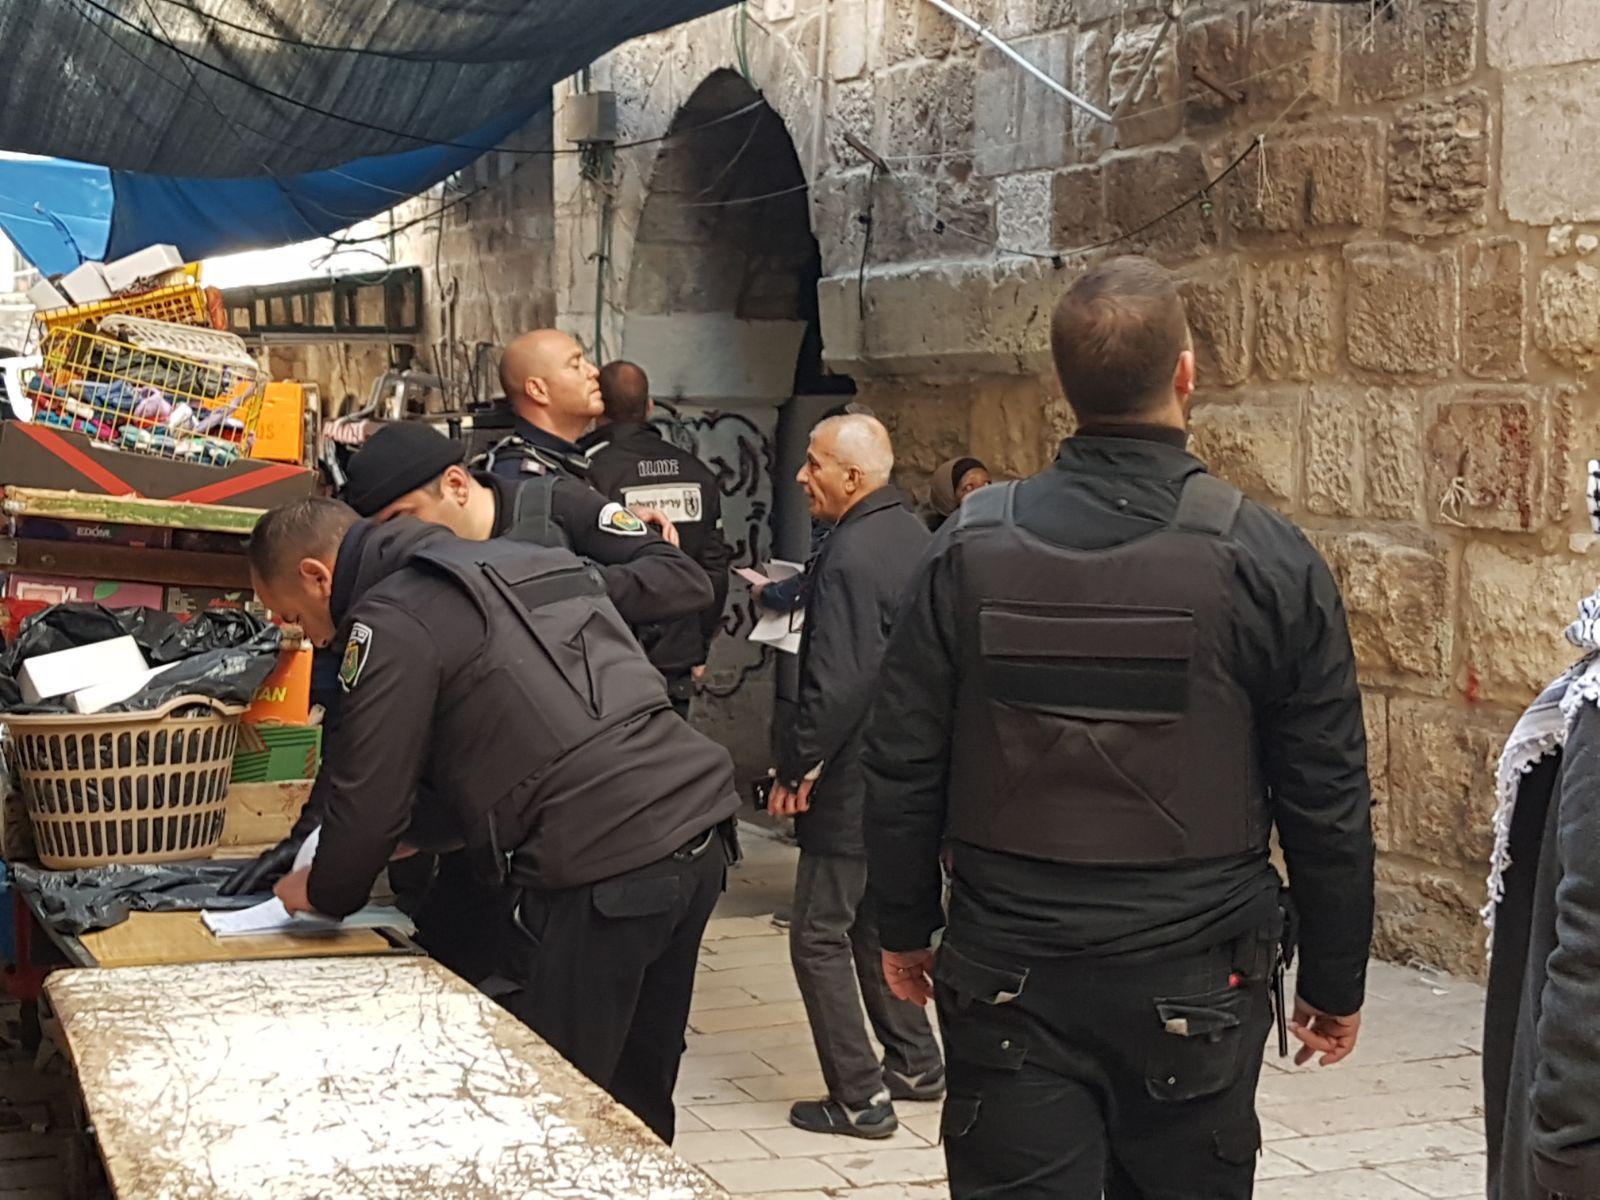 الاحتلال يحرر مخالفات بالقدس القديمة ويصادر بسطات